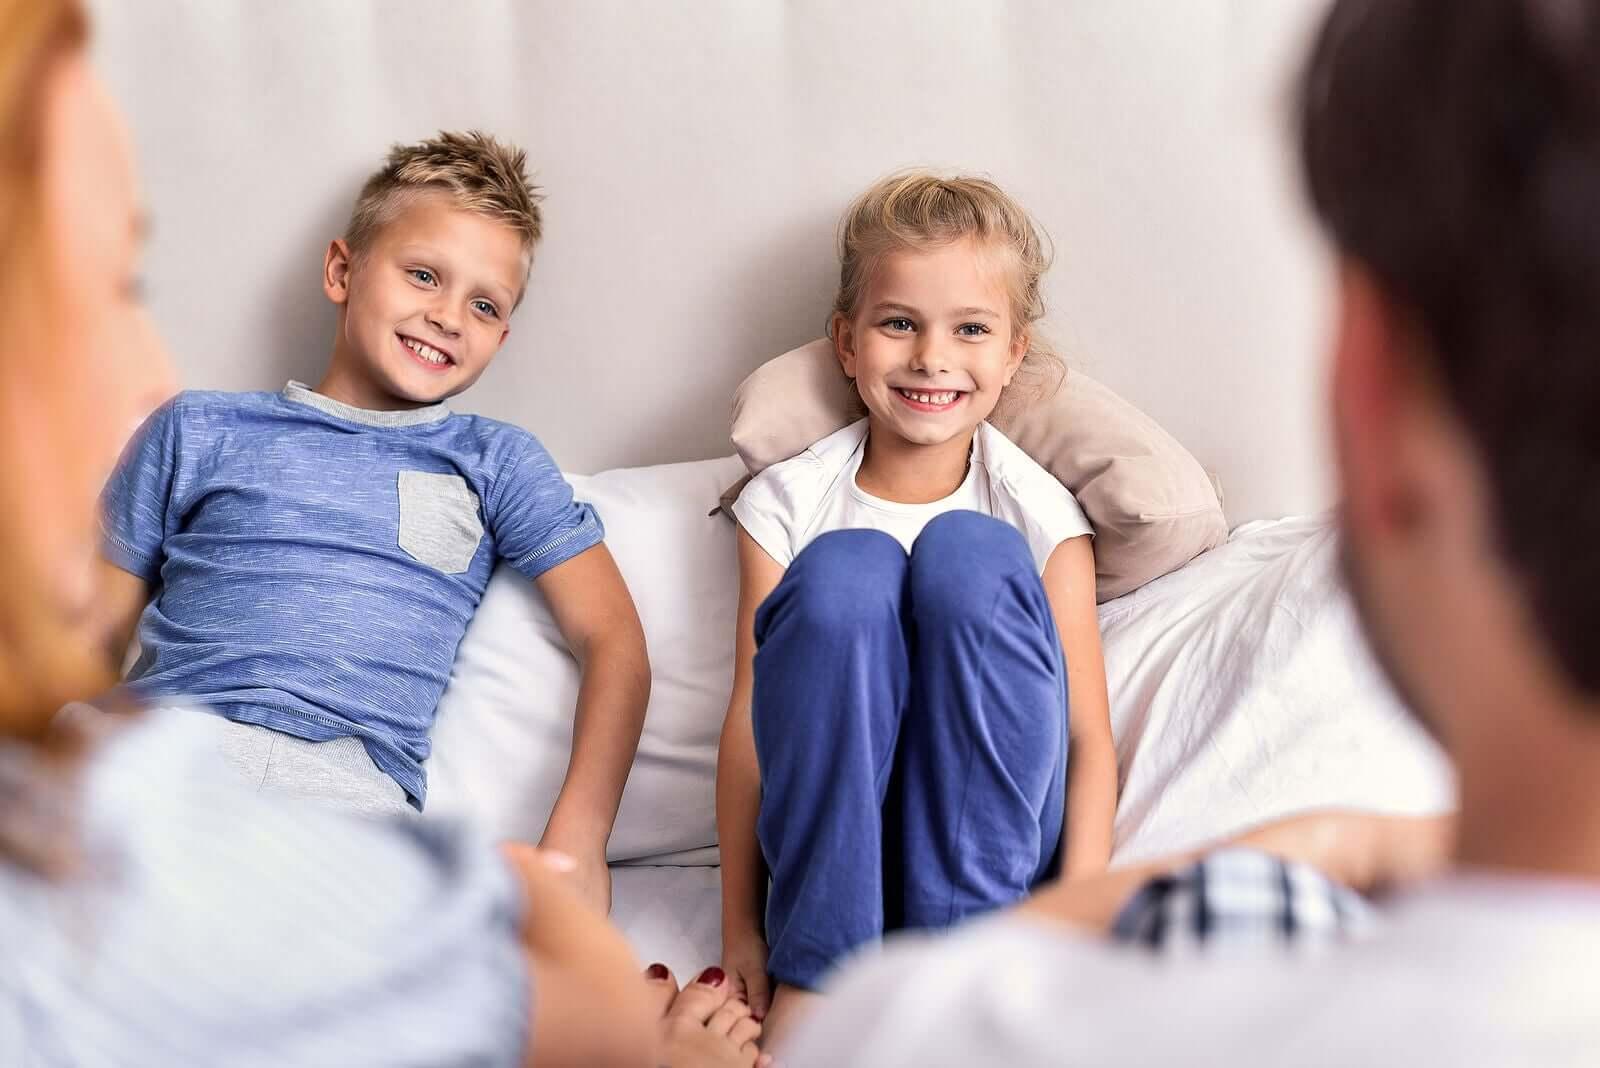 Como falar sobre coisas difíceis com as crianças